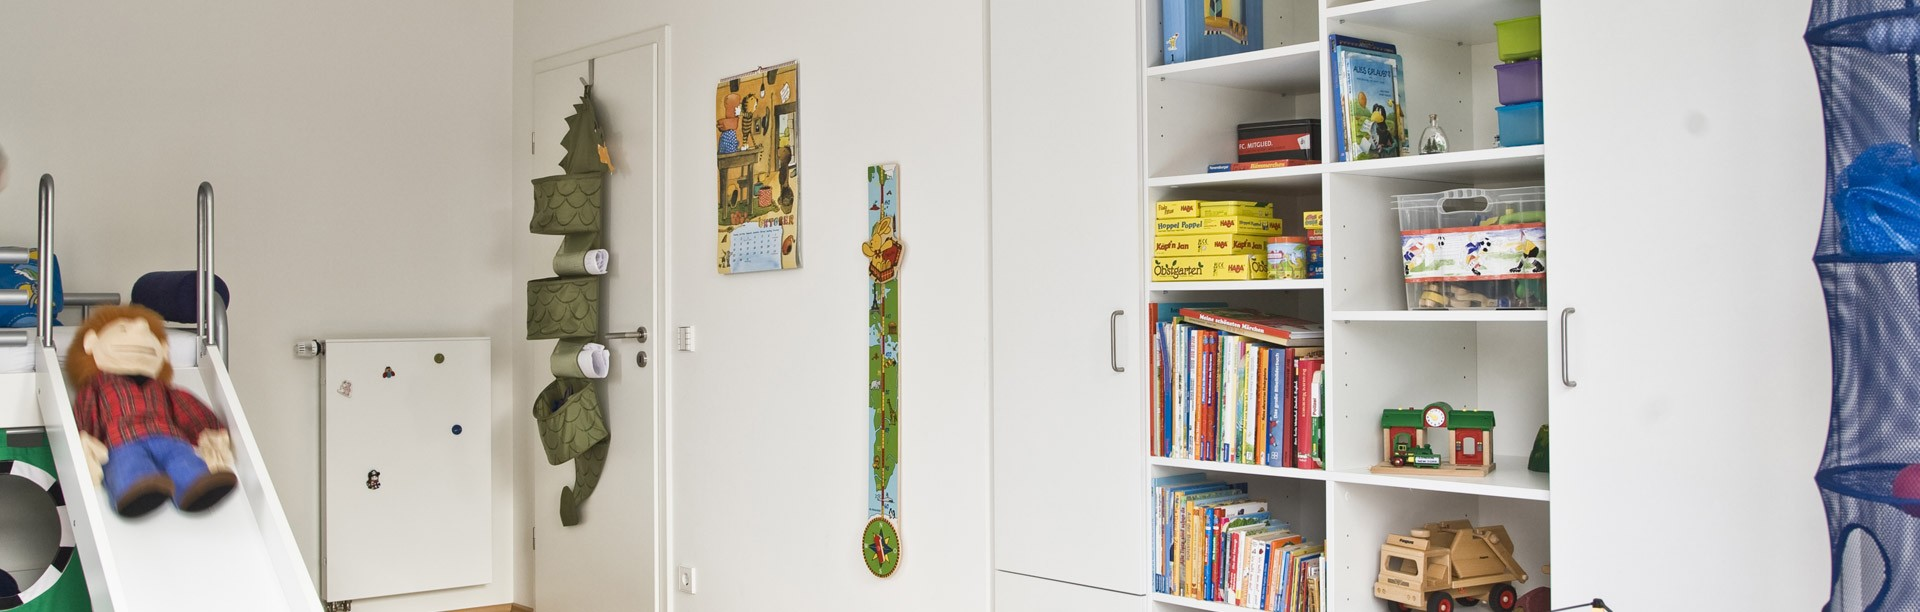 regal im kinderzimmer ma genau online planen. Black Bedroom Furniture Sets. Home Design Ideas